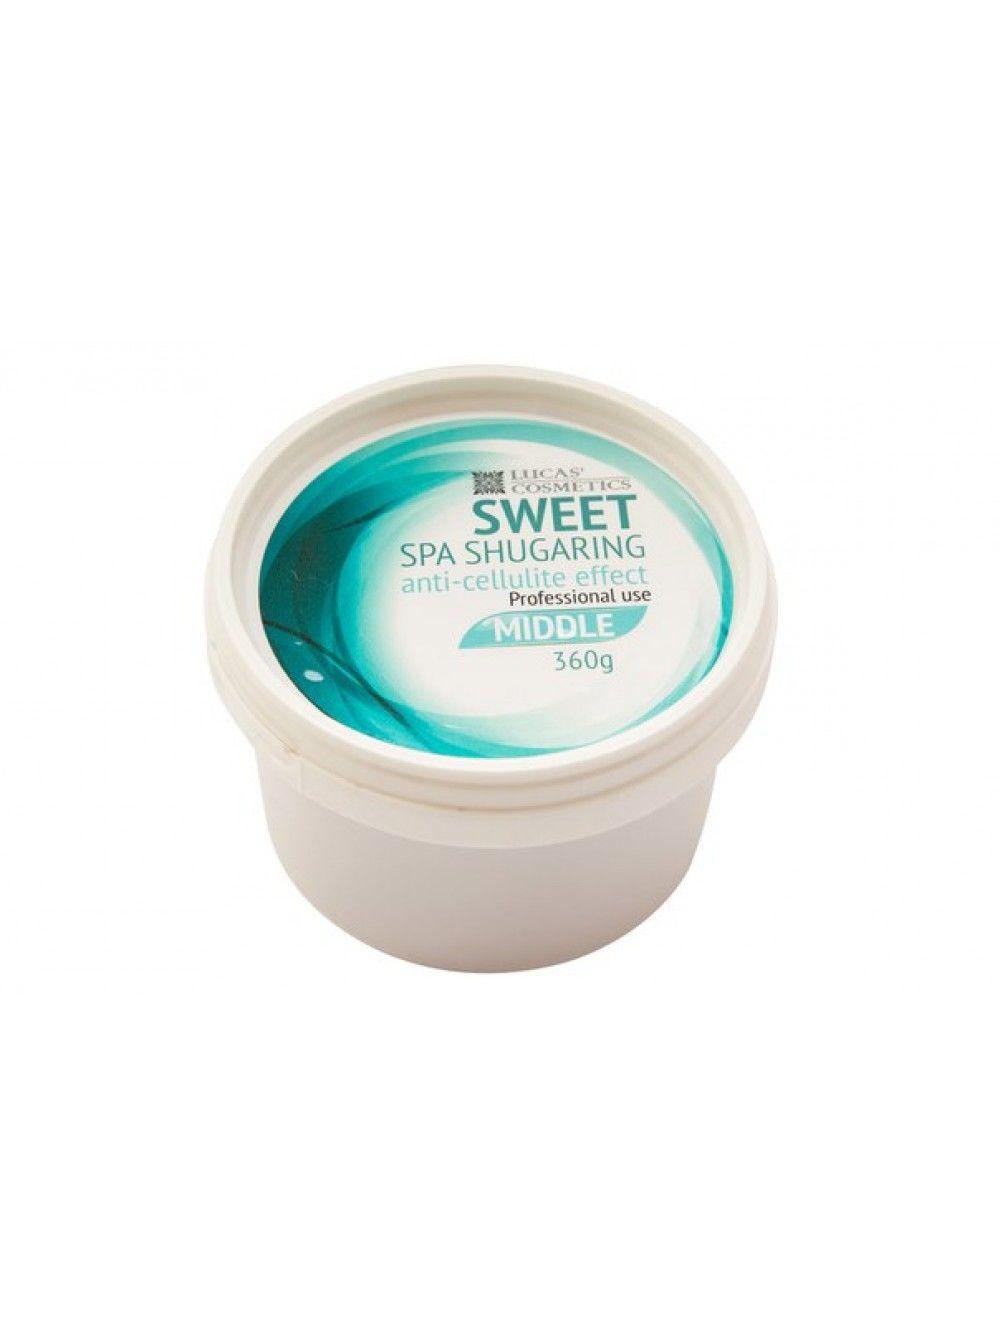 Шугаринг Sweet антицеллюлитным эффектом (средней плотности), 770гр